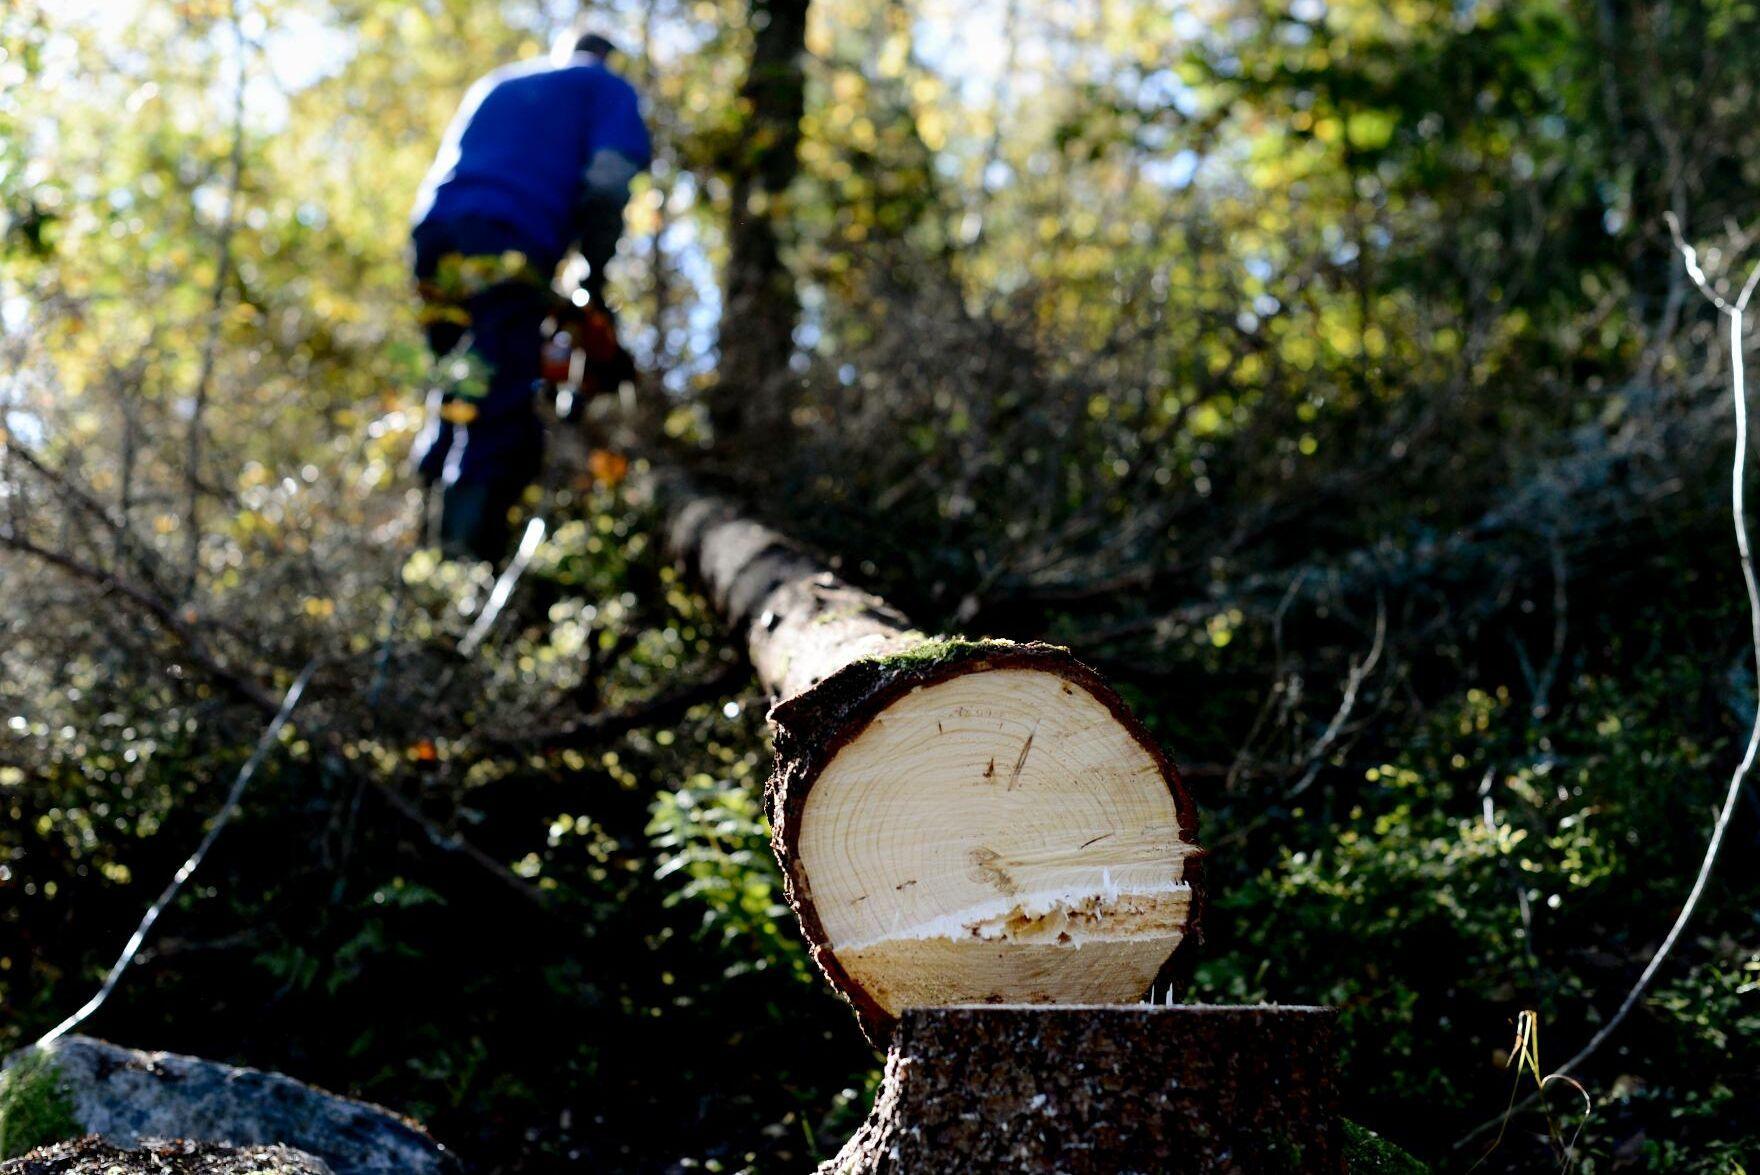 Skogsägare behöver få utökat skydd för sina rättigheter, skriver Timbros Benjamin Dousa och Ellen Gustafsson.